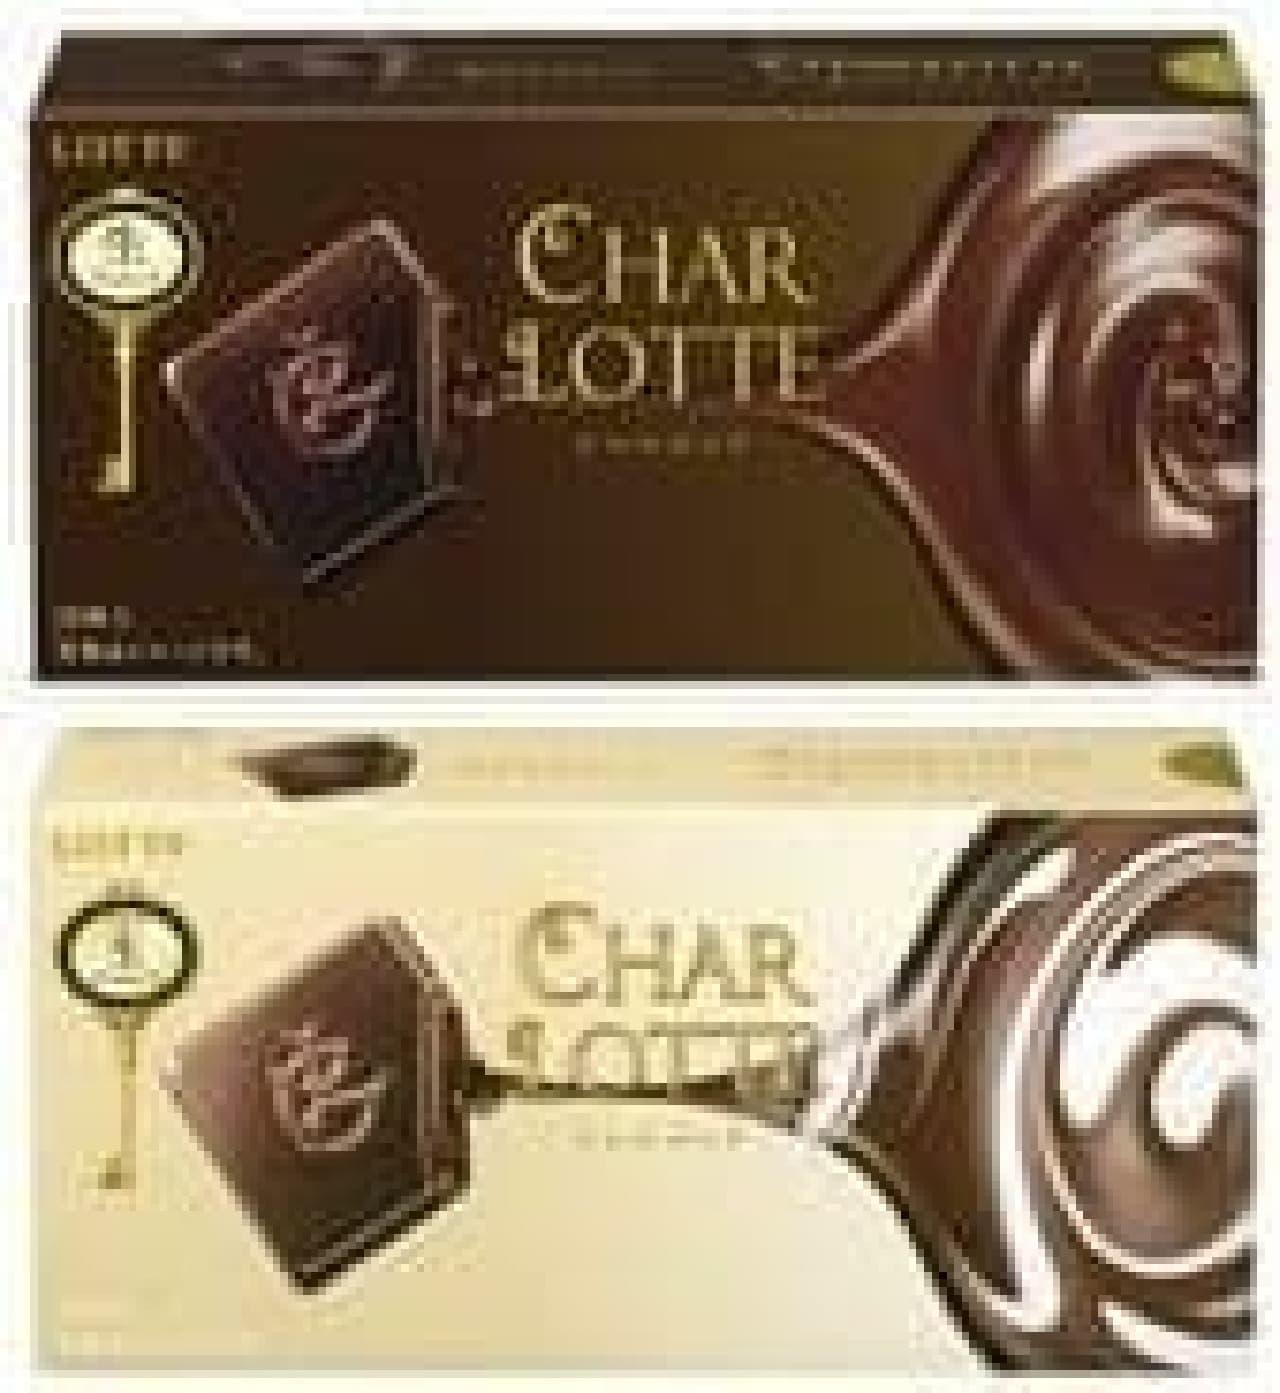 上が「生チョコレート」、下が「ミルク生チョコレート」